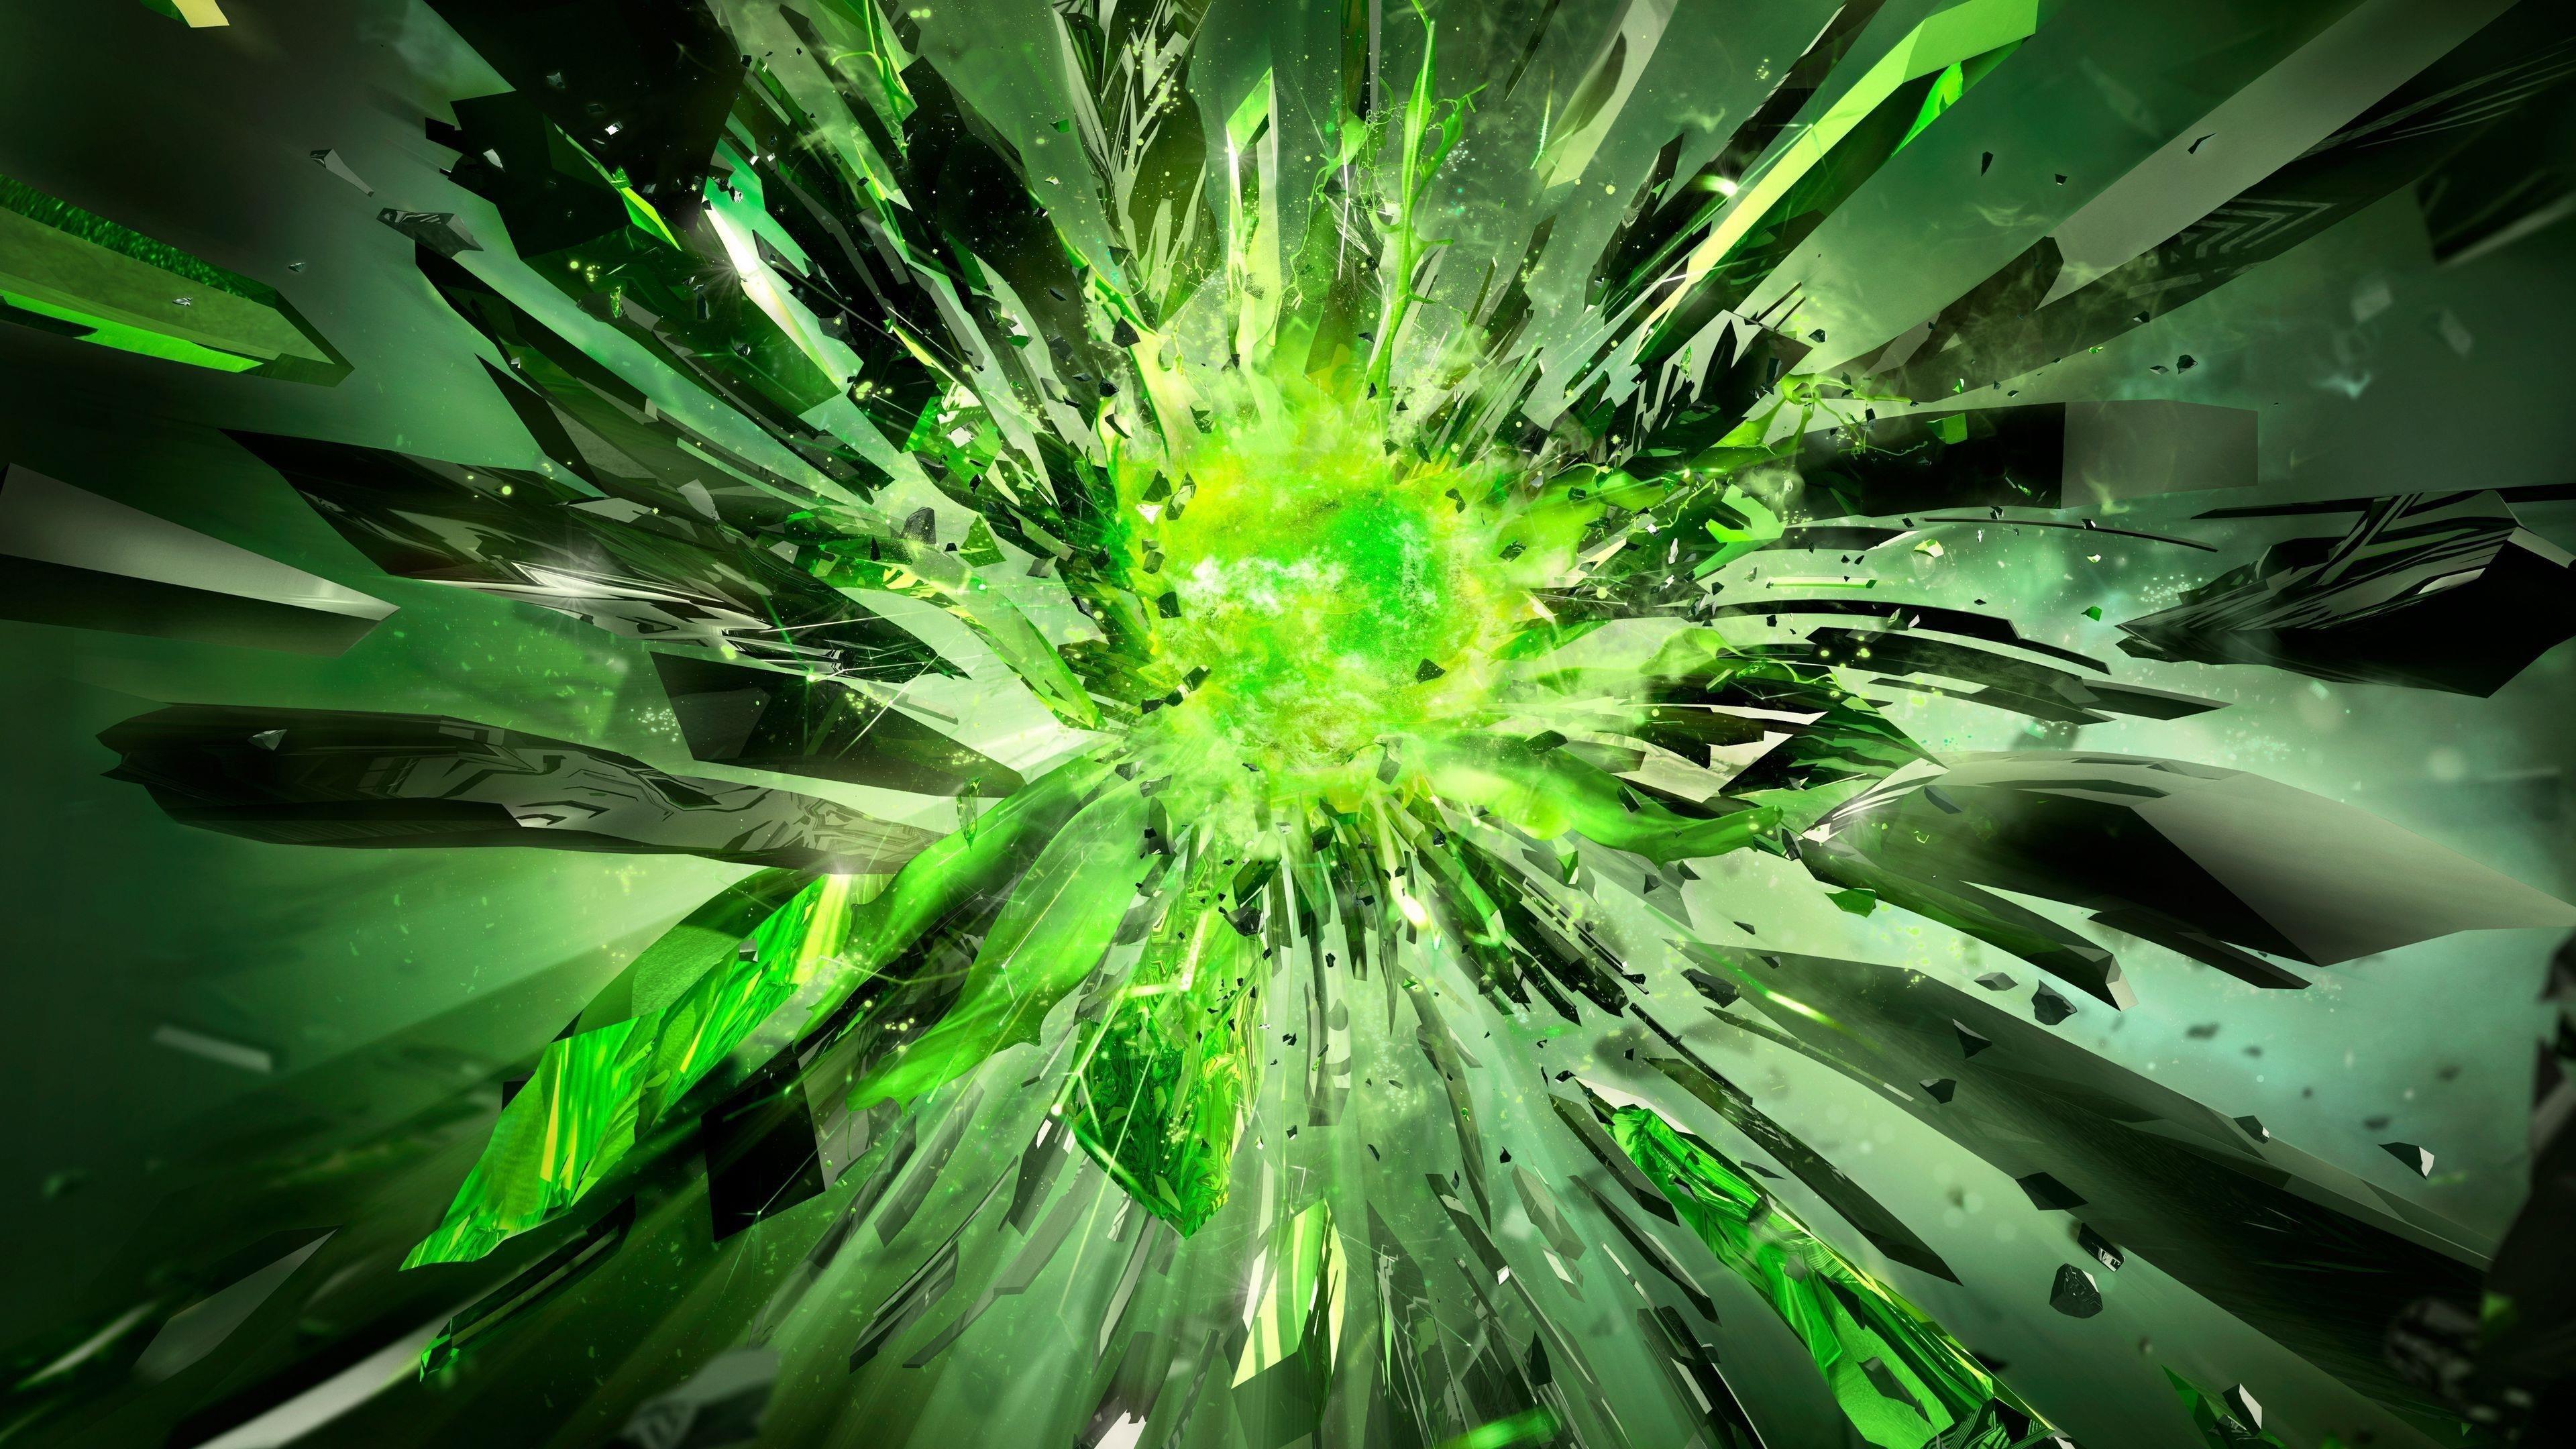 Кристаллы осколки взрыв свет обои скачать